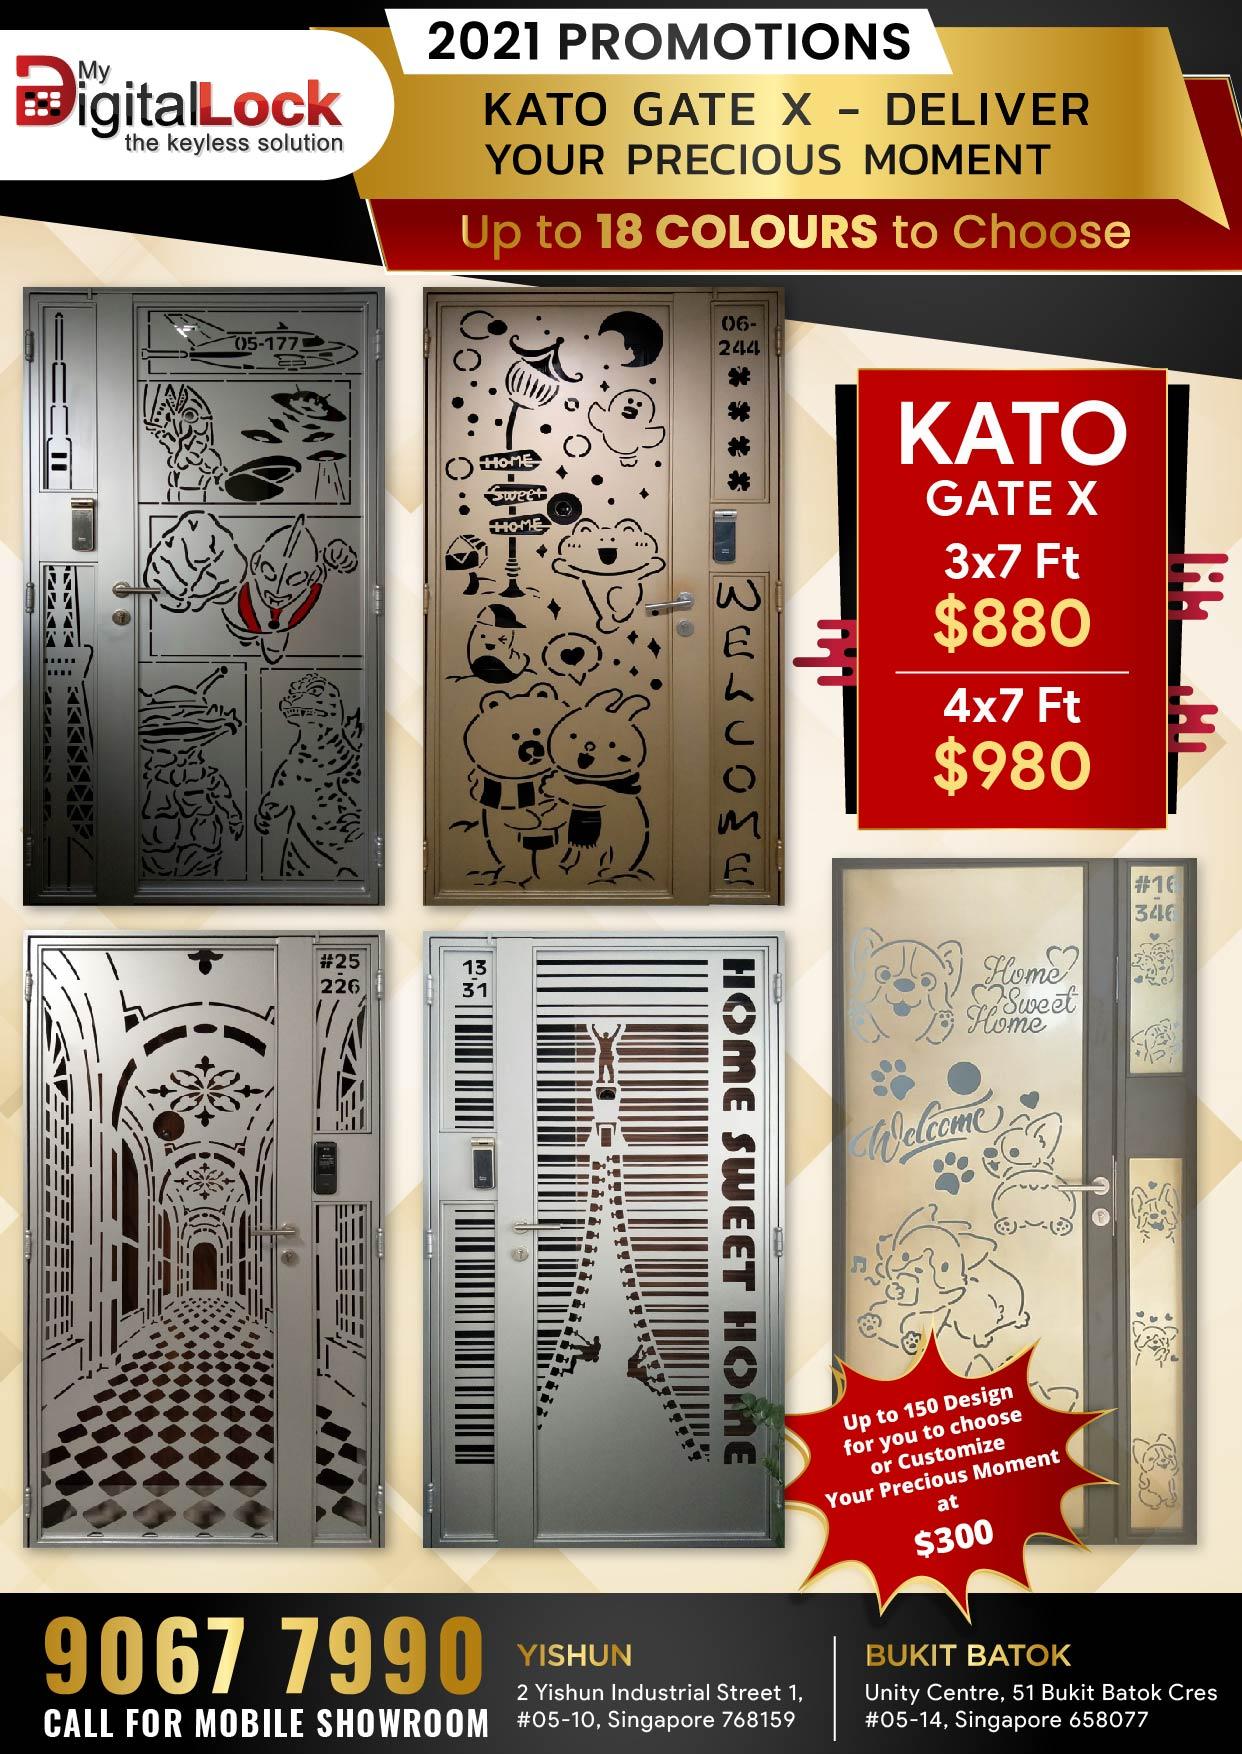 Kato X Delivery